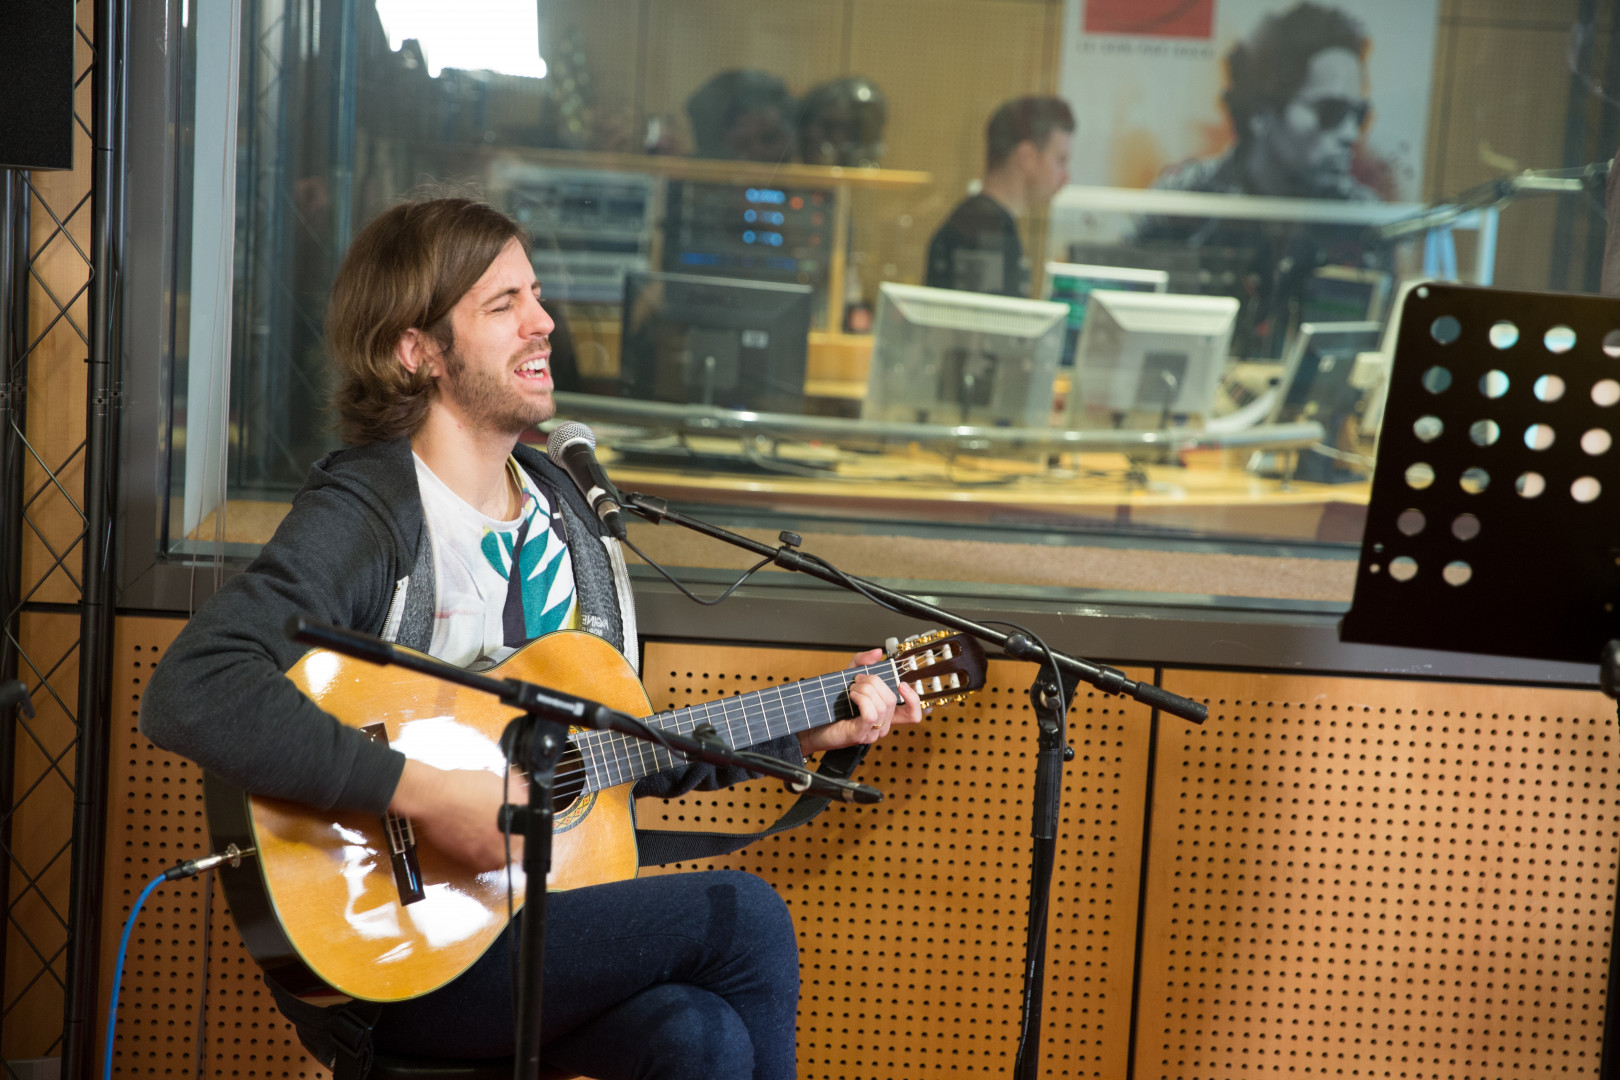 Wayne Sermon d'Imagine Dragons en session acoustique dans les studios de RTL2